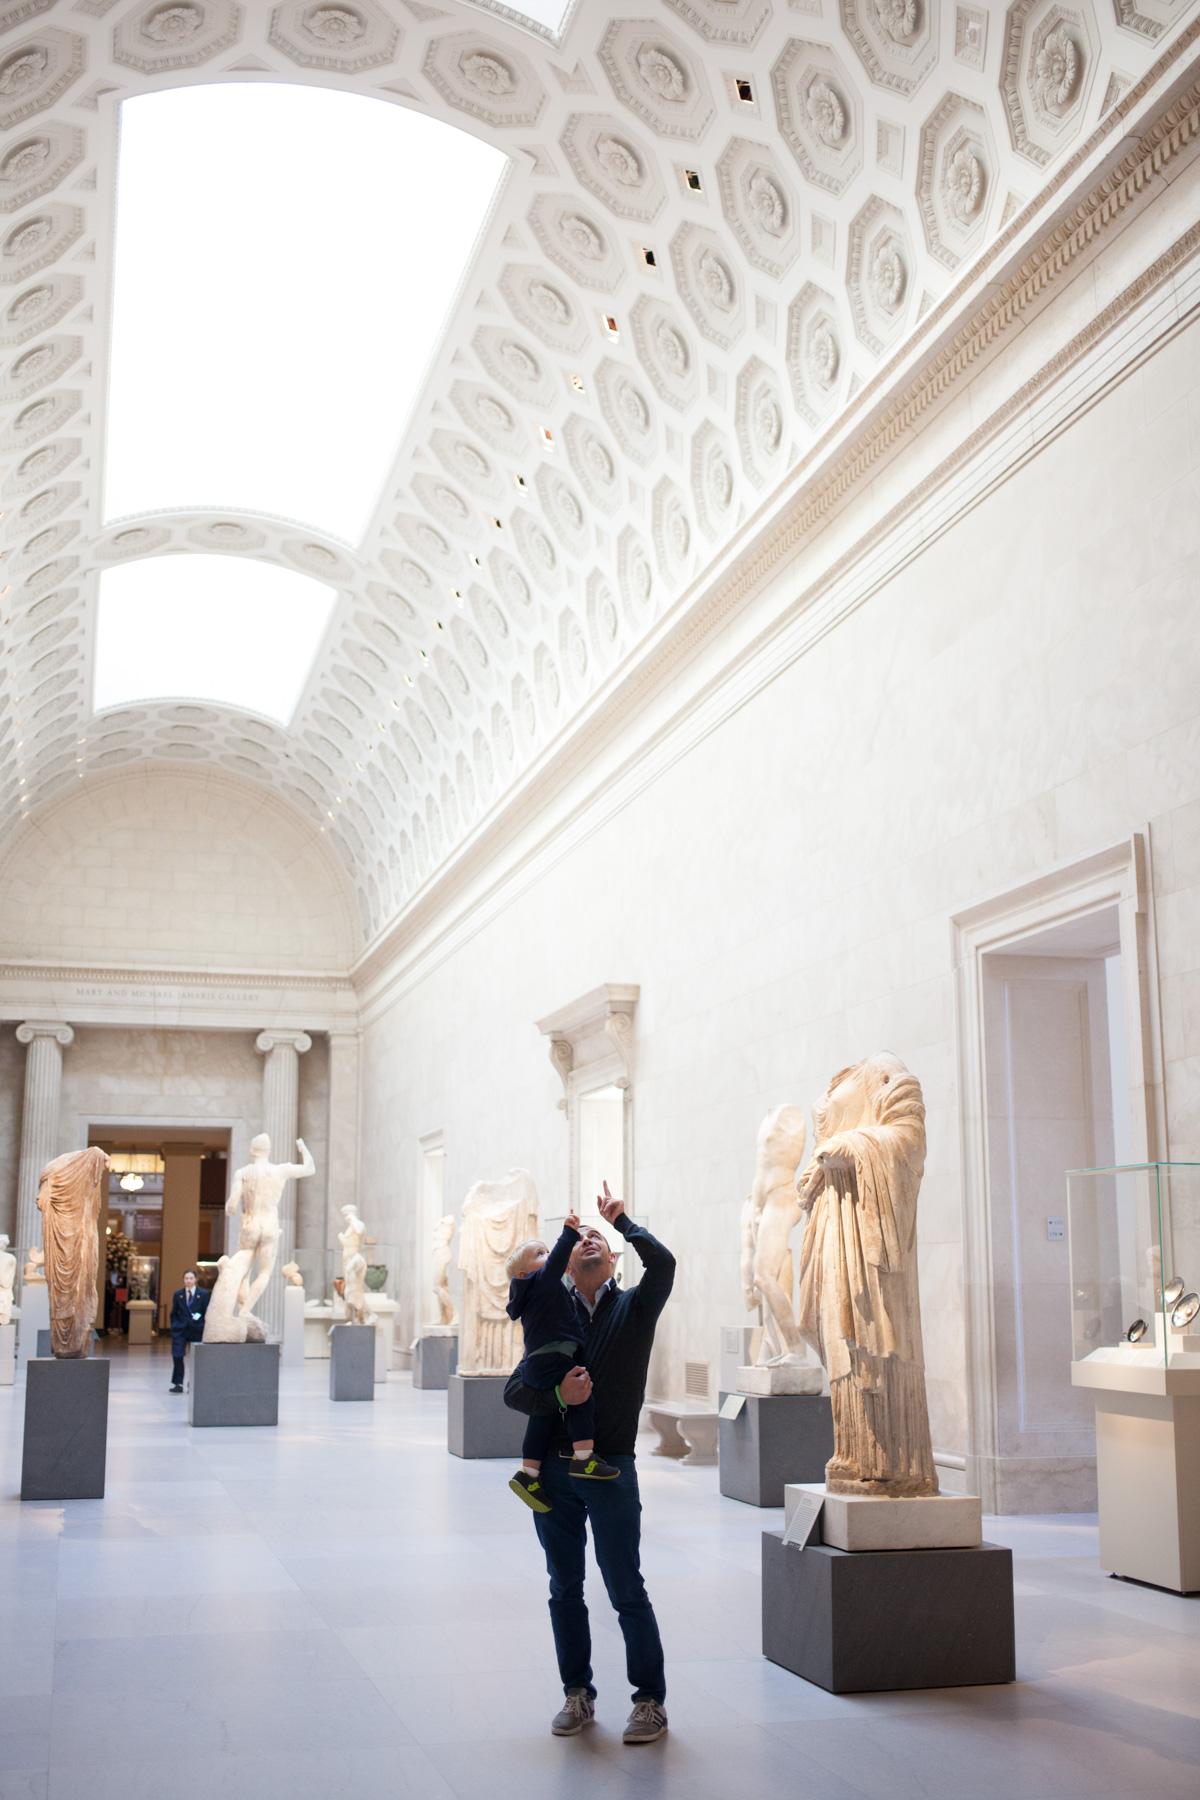 MET-museum-robertiaga-5